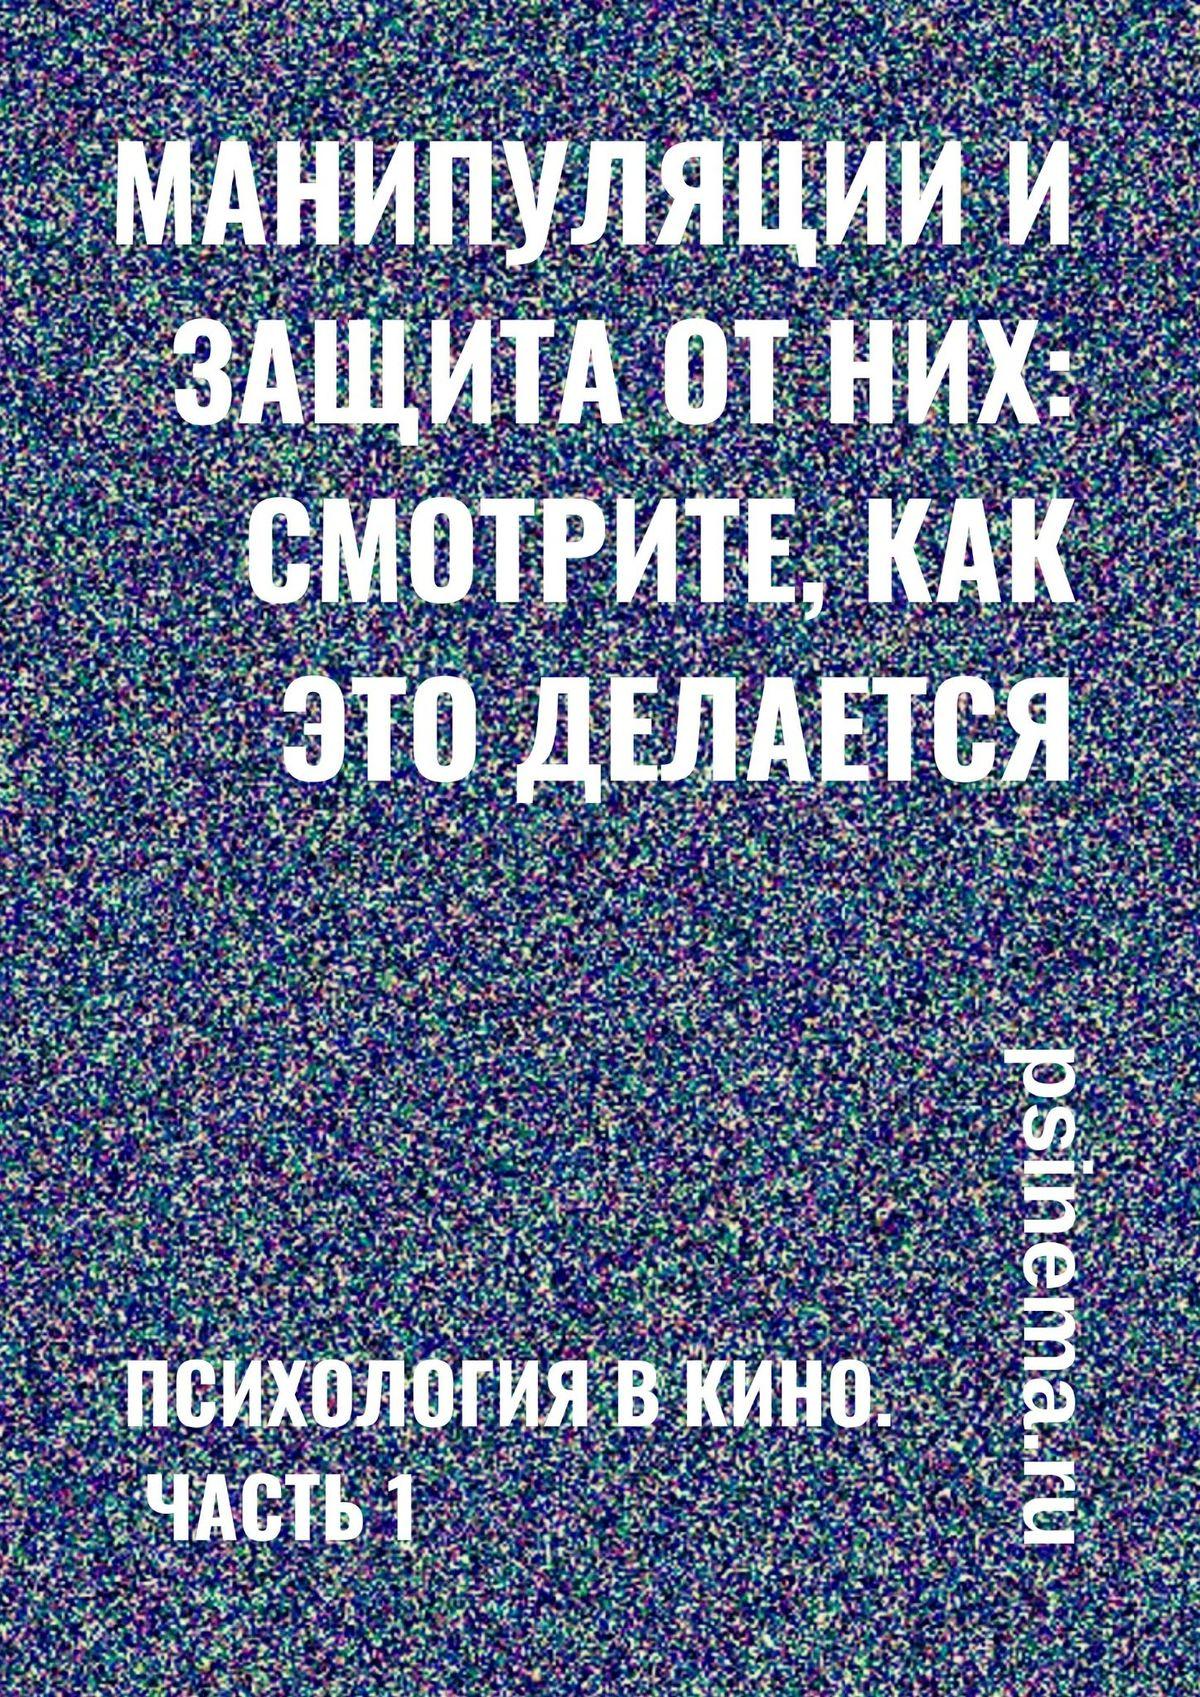 Анатолий Верчинский Манипуляции изащита отних: смотрите, как это делается! Психология в кино. Часть 1